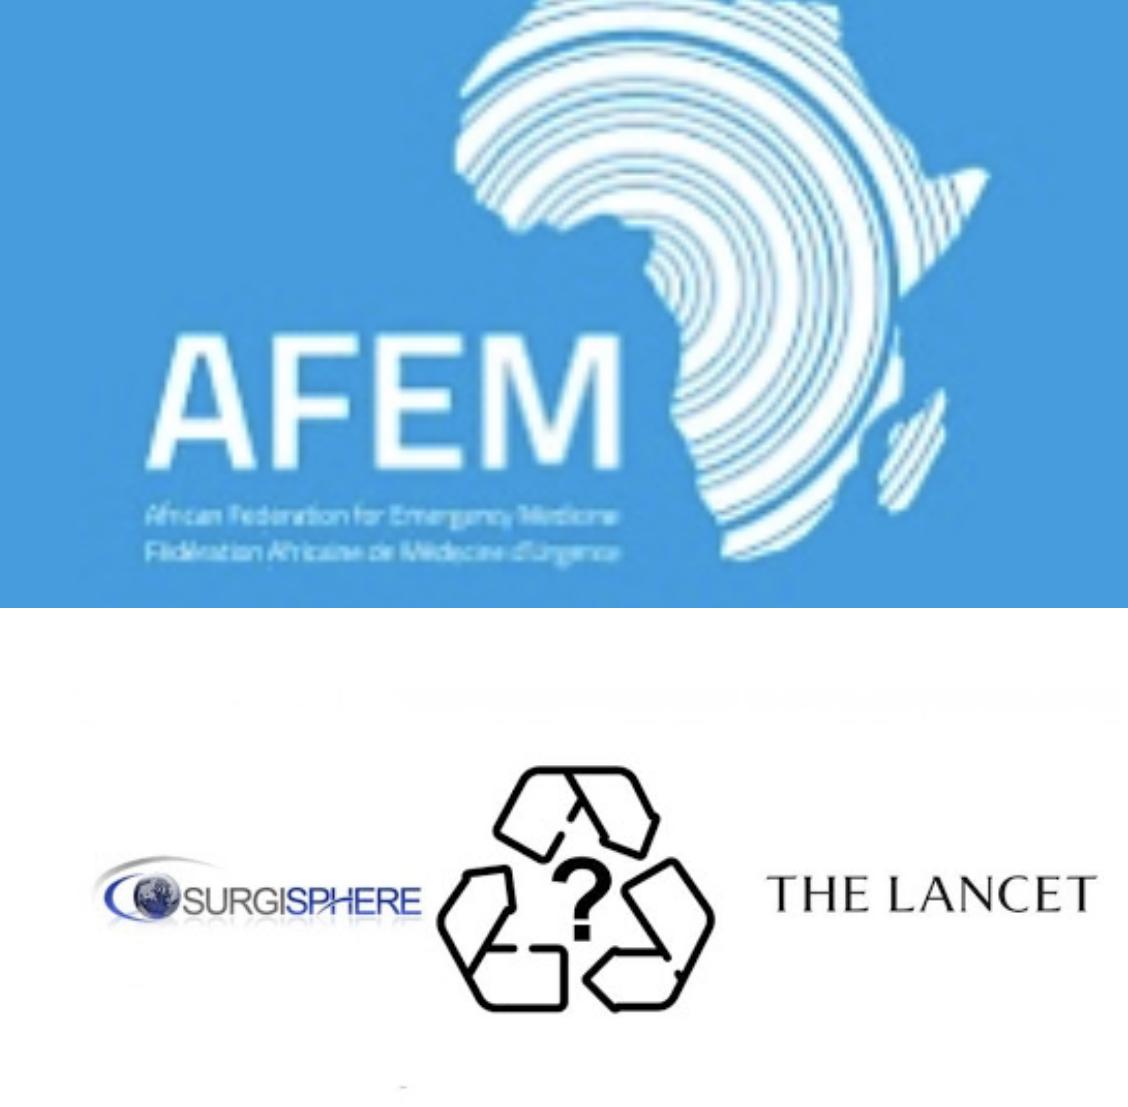 Dégâts collatéraux du LancetGate : La Fédération africaine de médecine d'urgence recommande de ne plus utiliser l'Outil mis au point avec Surgisphere.